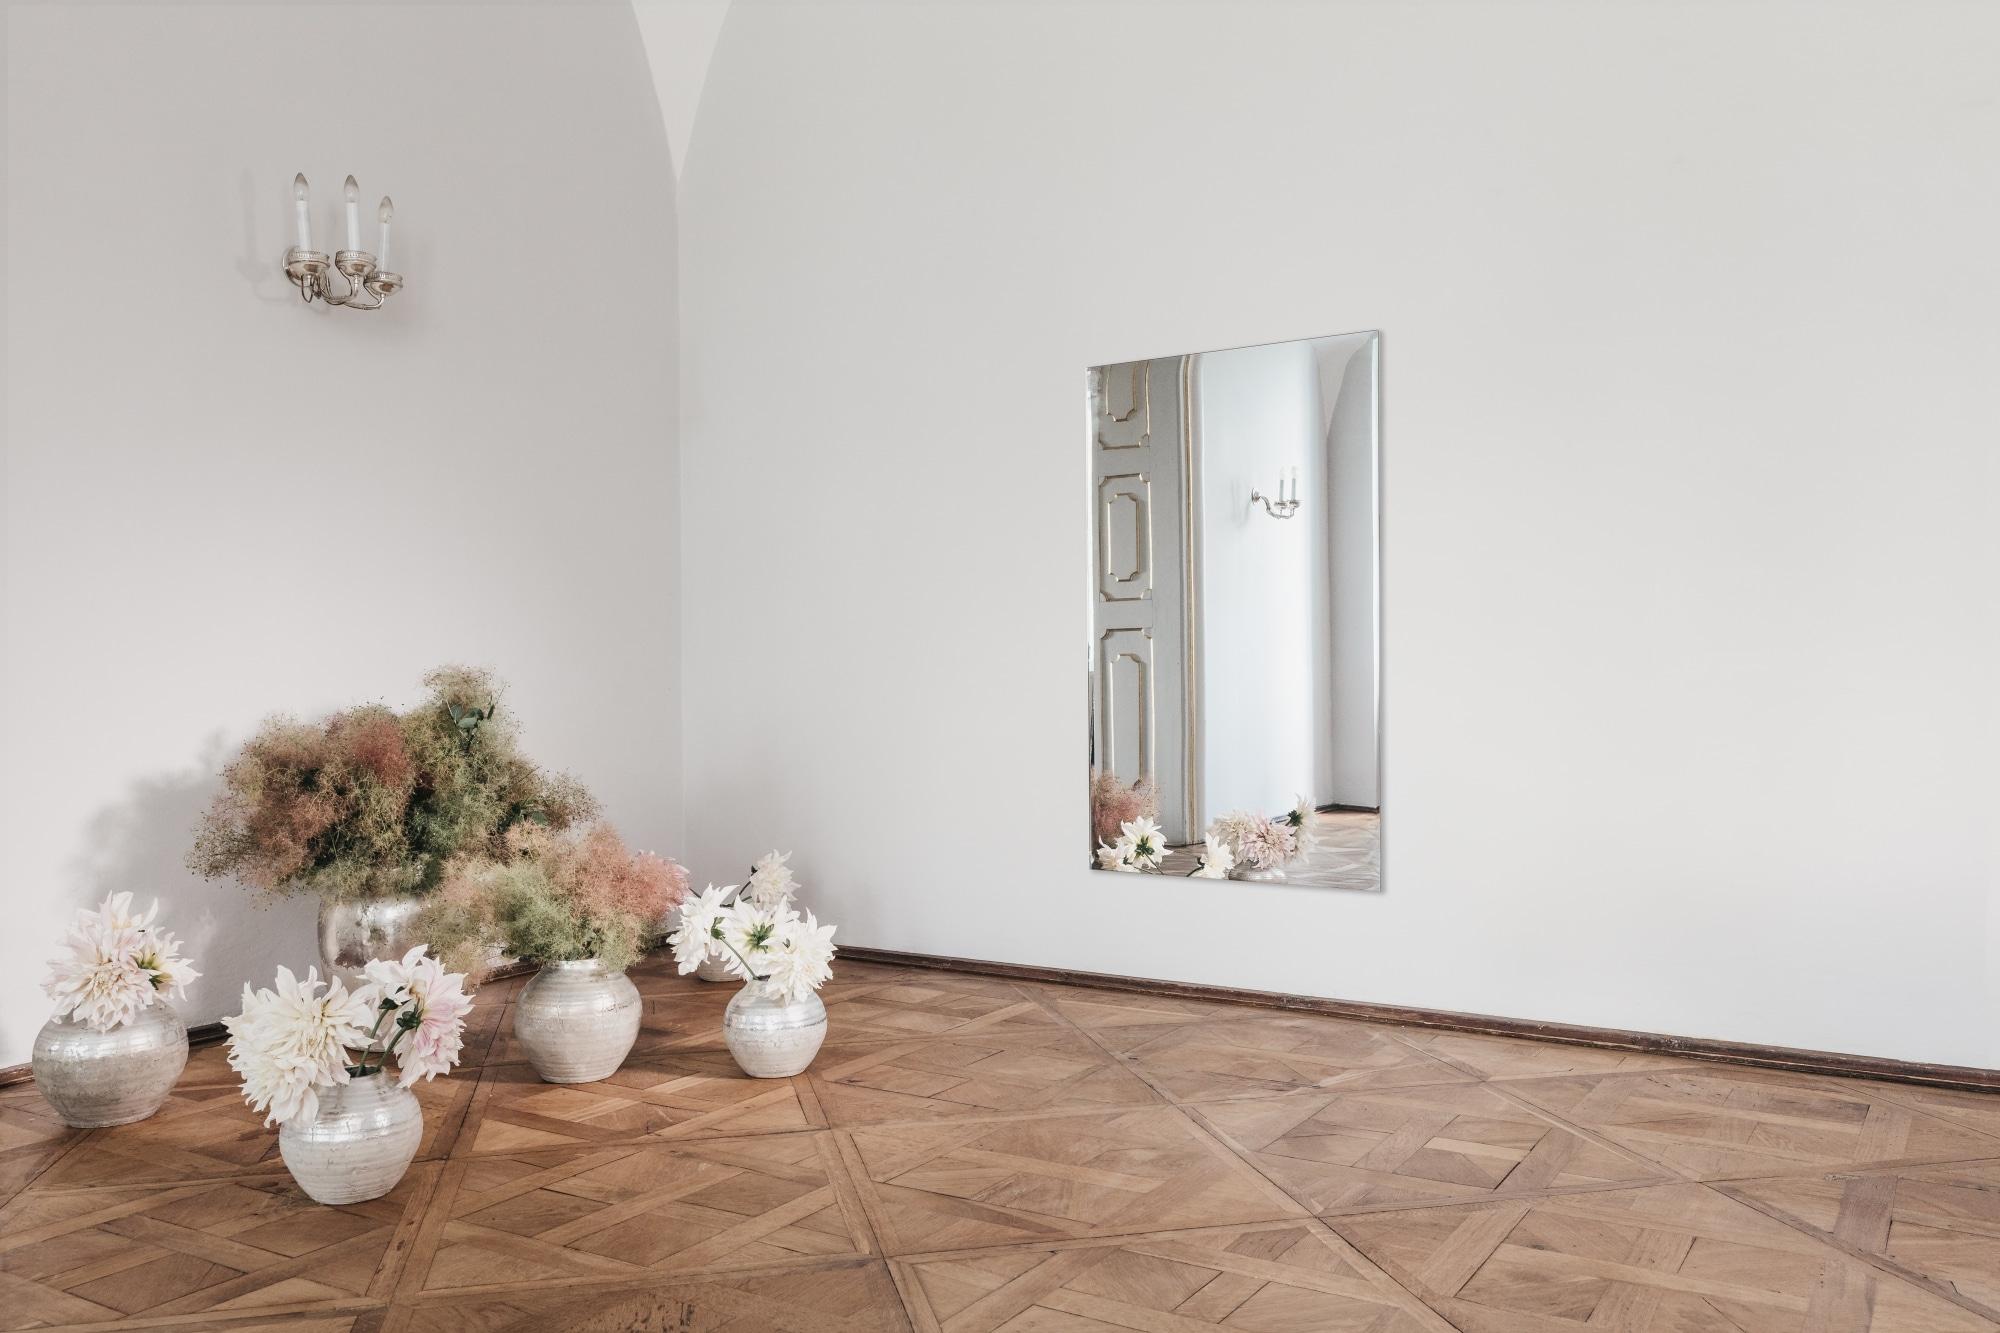 Die Redwell Spiegelheizung strahlt ihre Infrarotwärme in einem großen Salon eines Schlosses aus mit Blumendeko im Vordergrund.